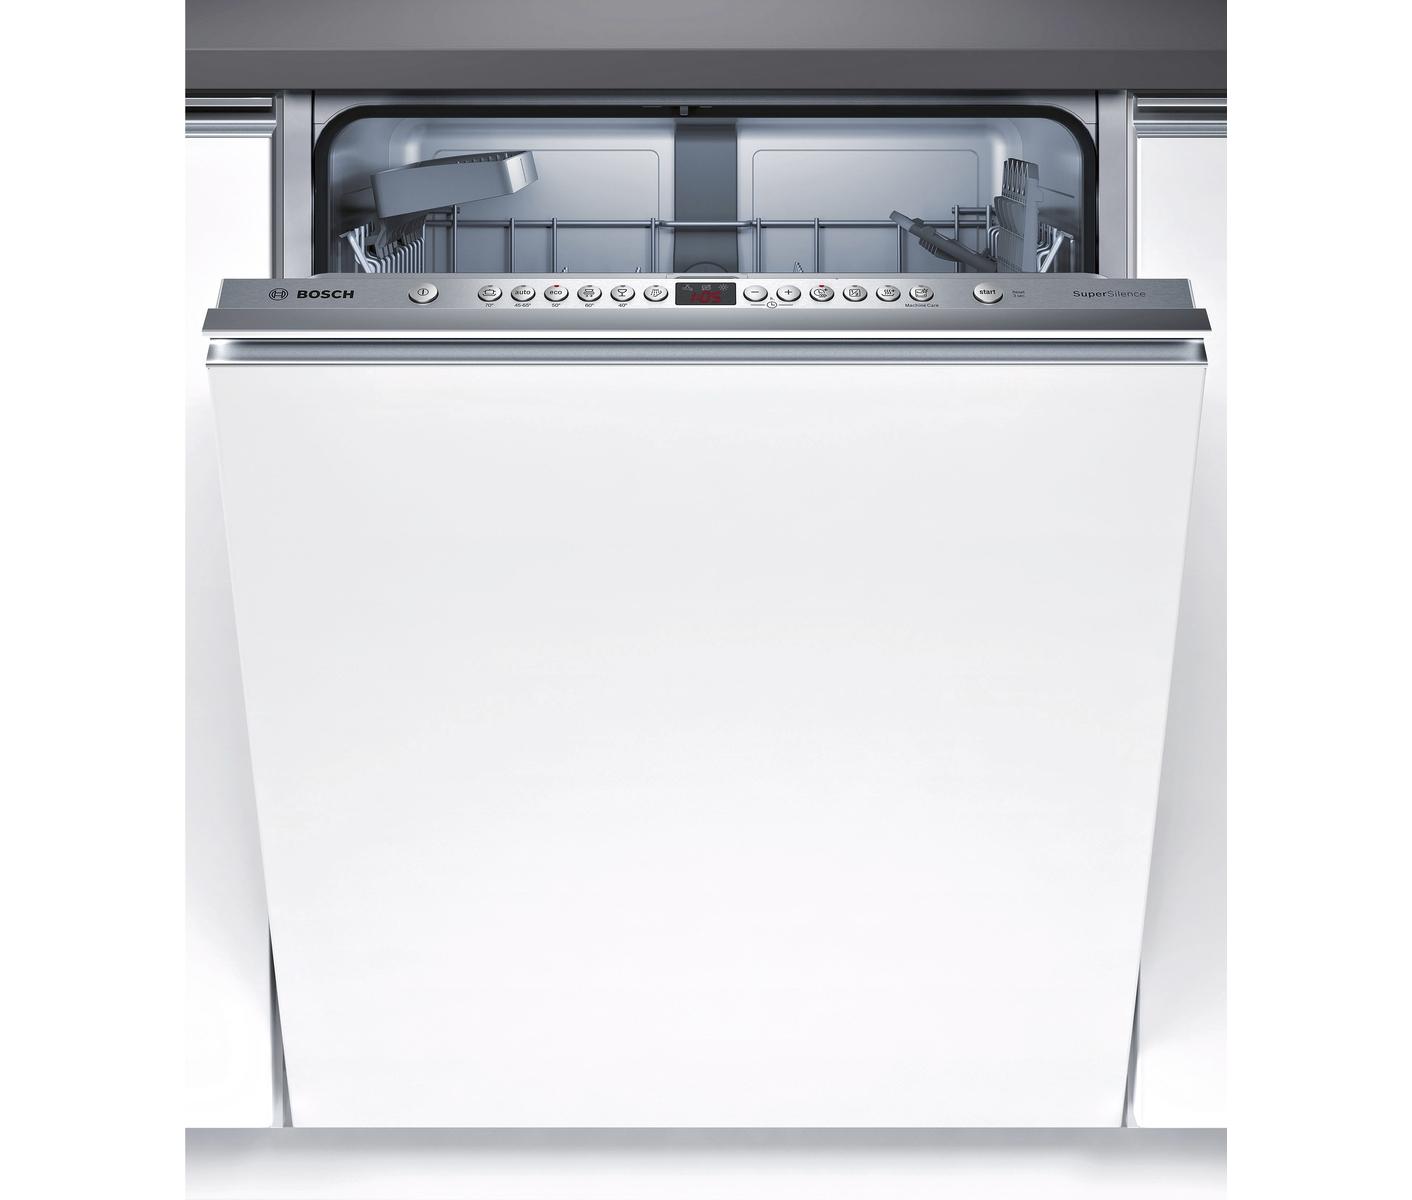 opvaskemaskine bedst til prisen